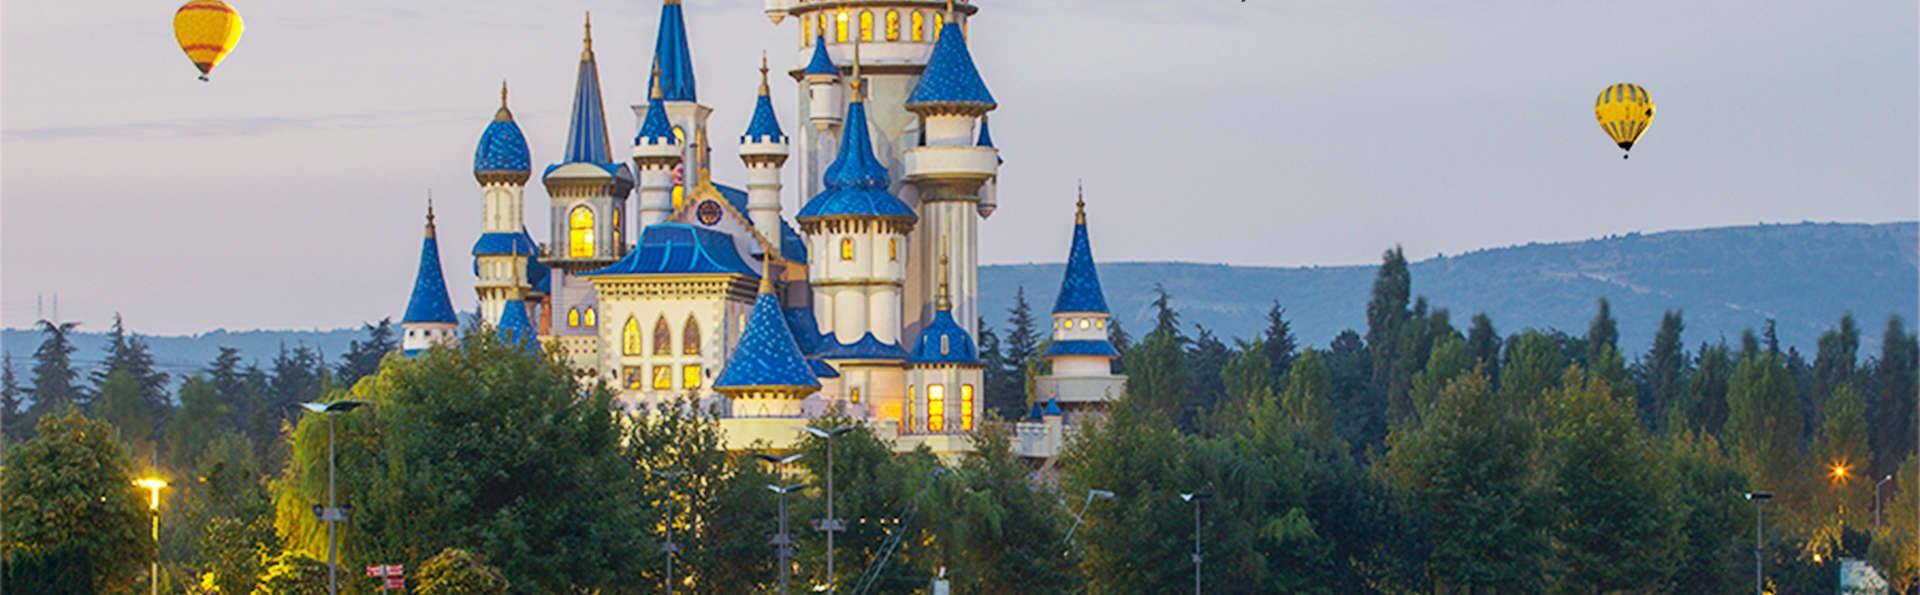 2 Jours aux 2 Parcs Disney® en un seul séjour (jusqu'à 4 personnes - 2 Jours/2 Parcs)